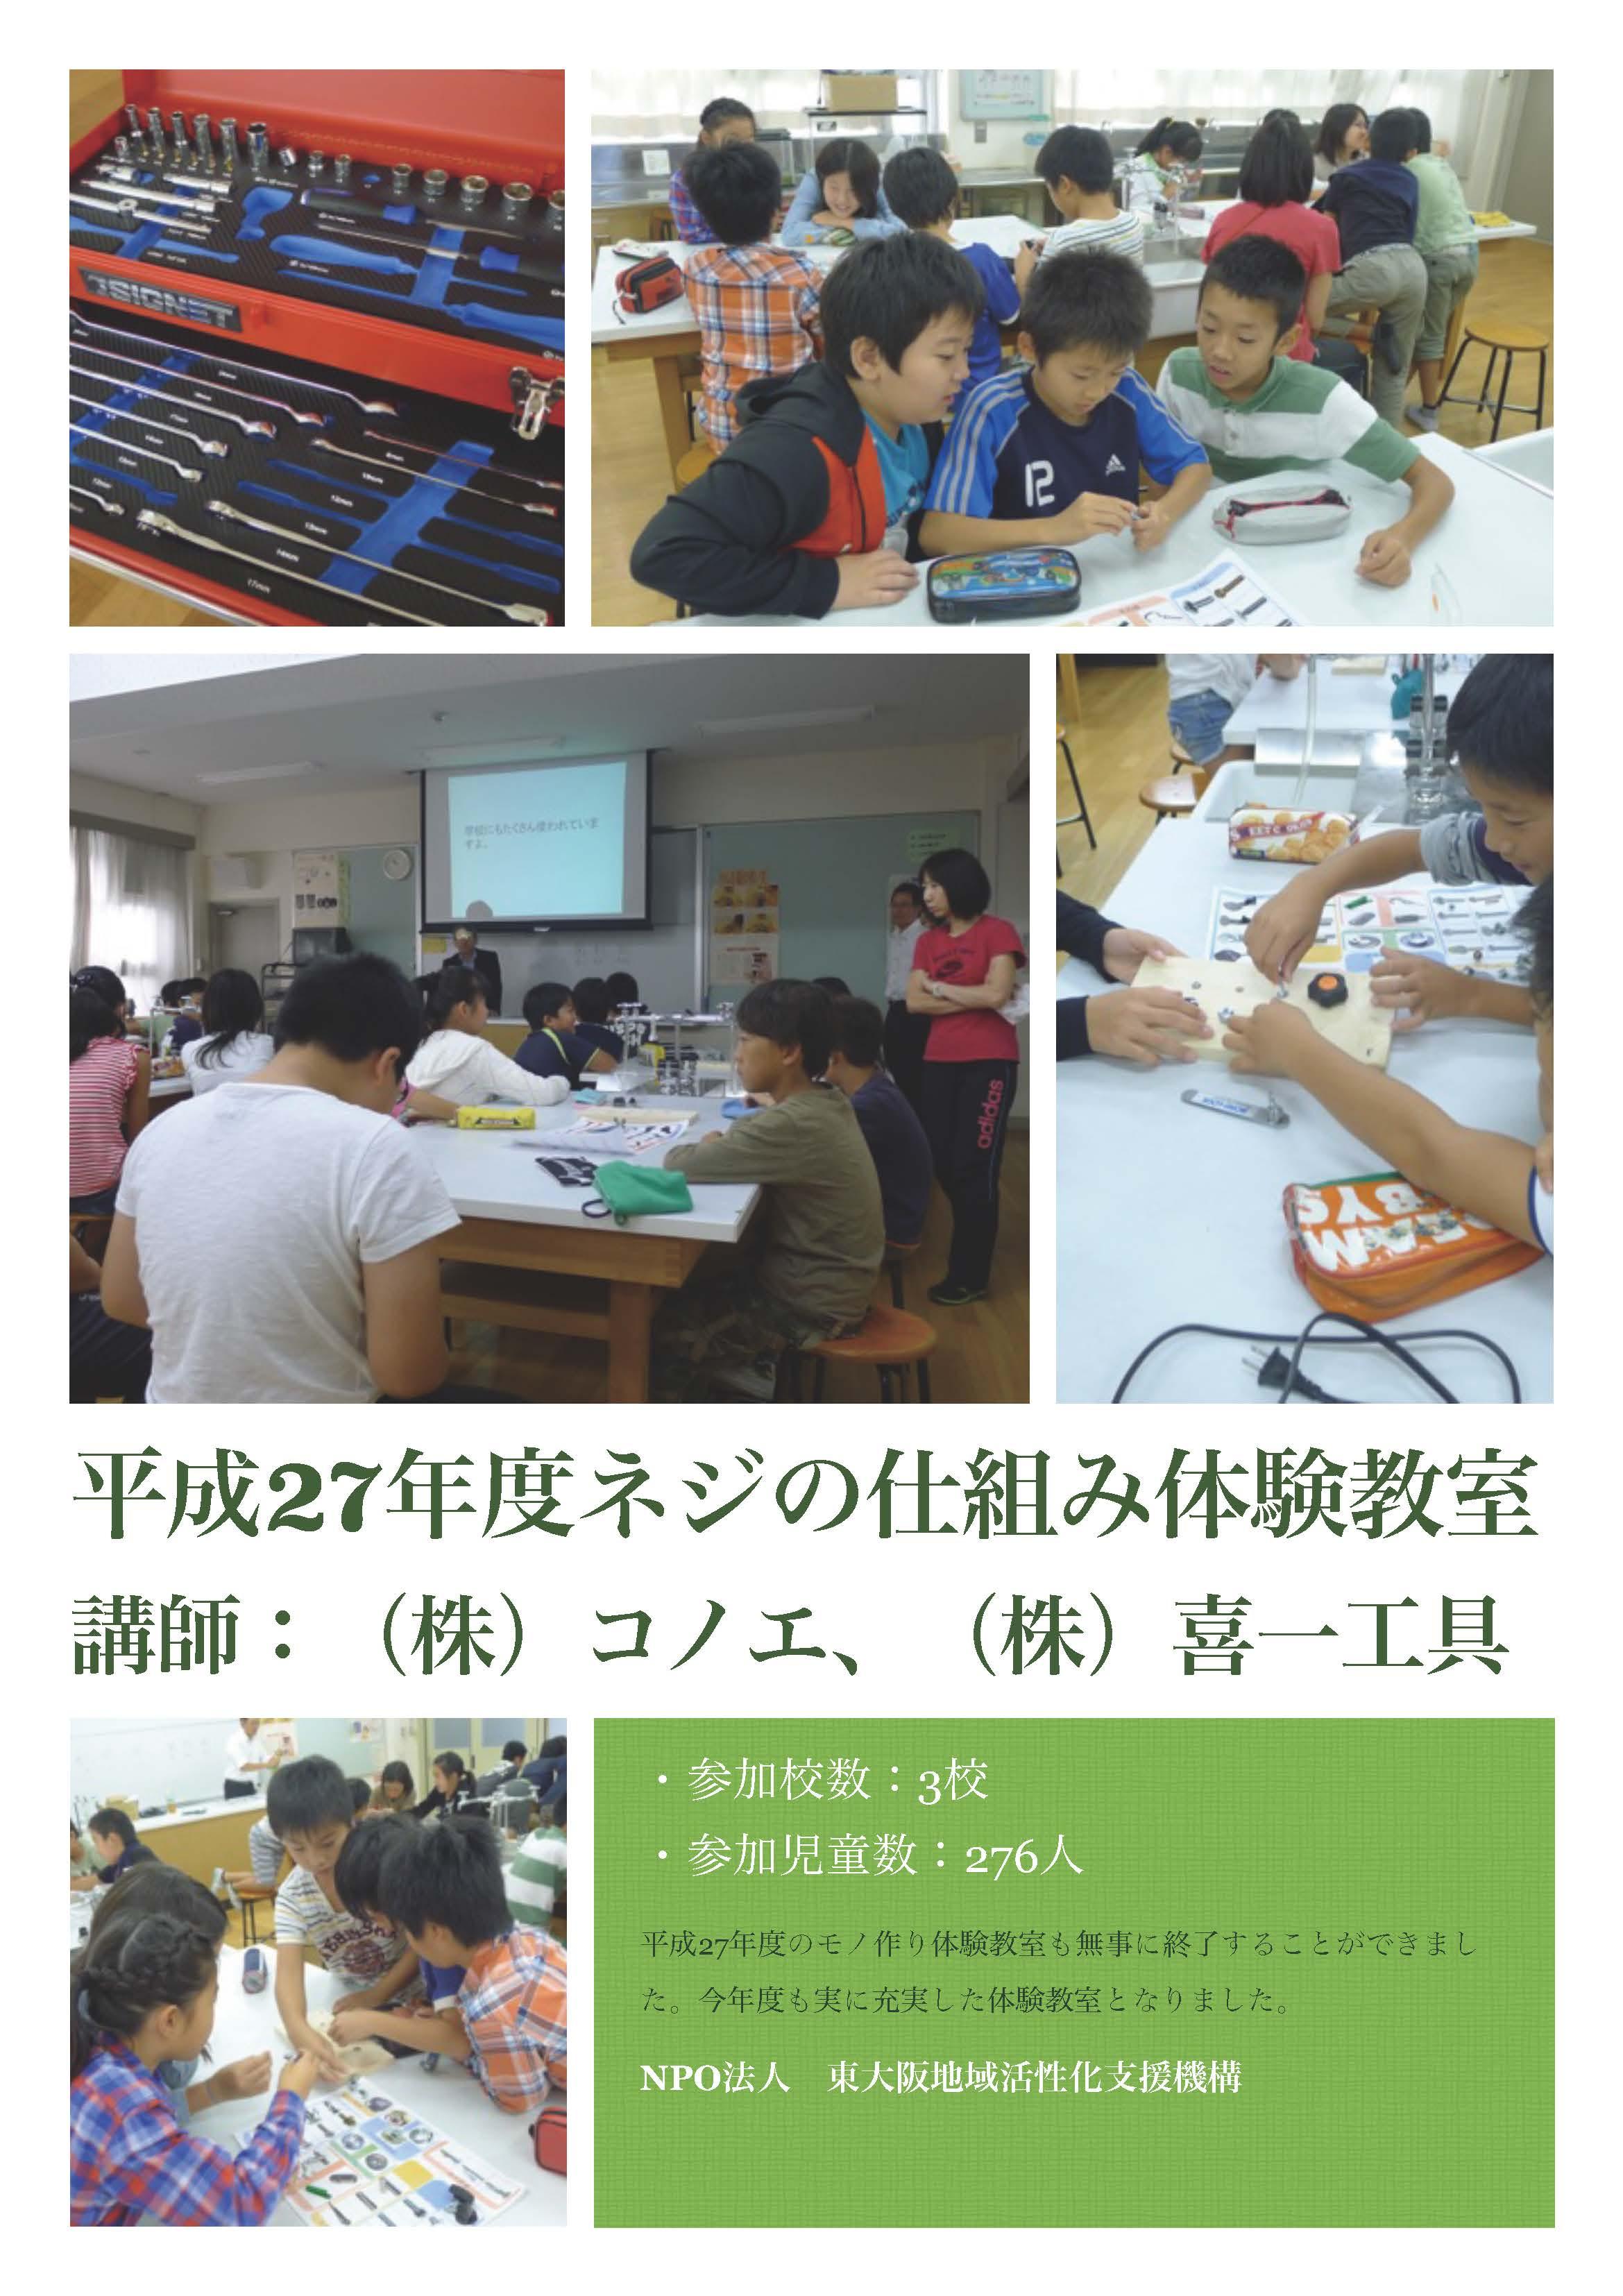 ネジの仕組み体験教室報告 by(株)コノエ様、喜一工具(株)様